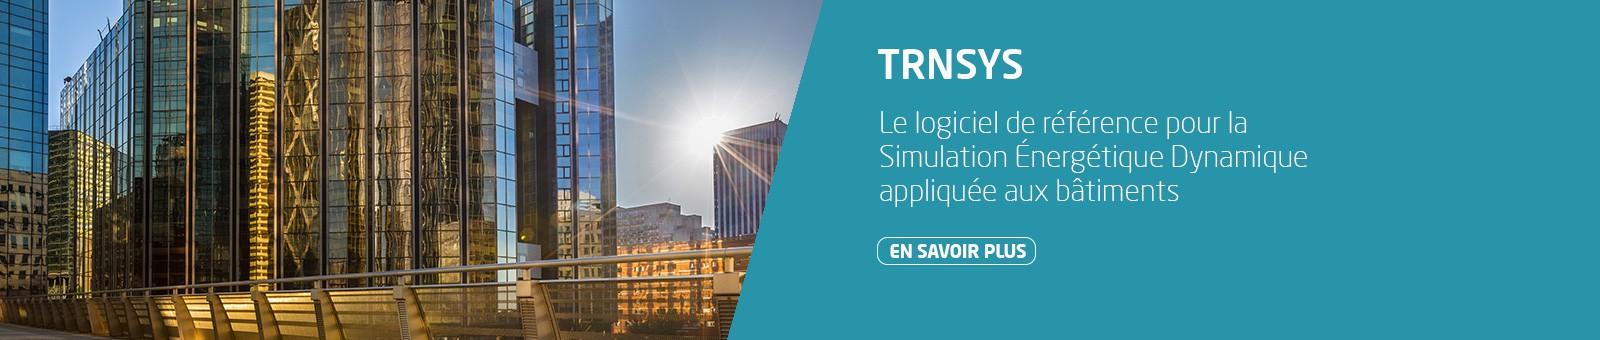 TRNSYS, le logiciel de référence pour la SED